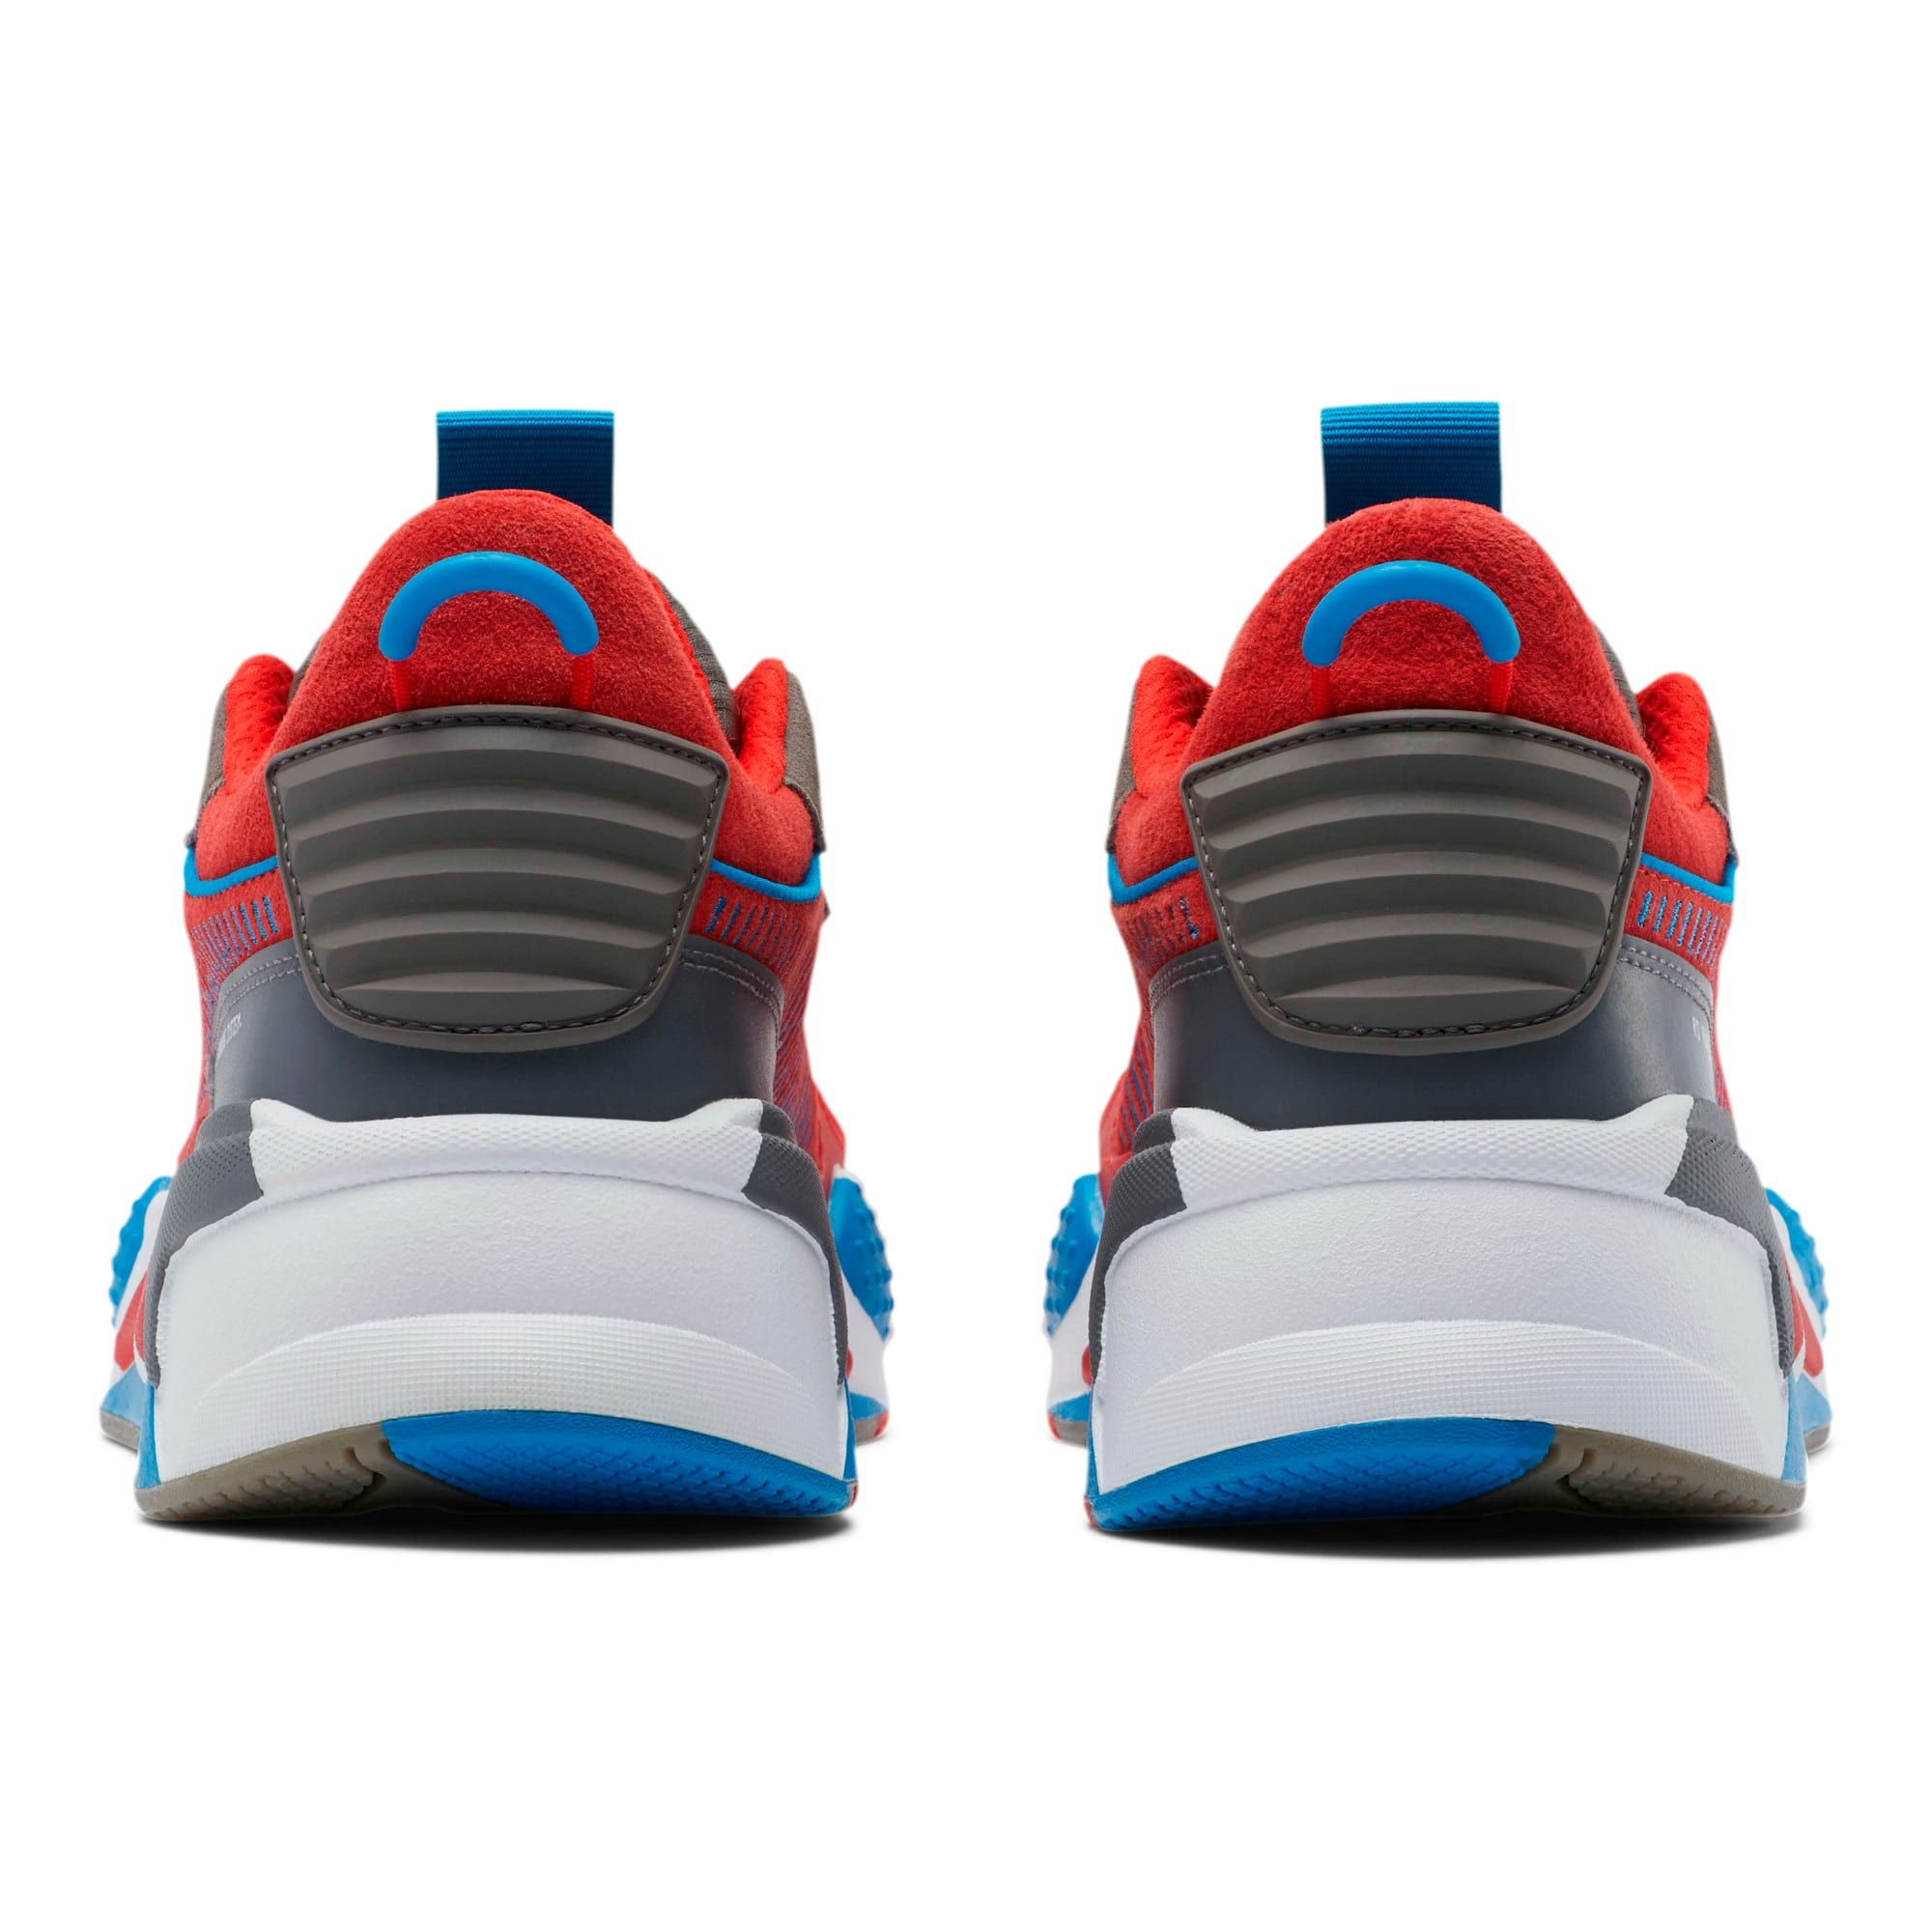 Miniatura 3 de Zapatos deportivos RS-X Retro, Red-Steel Gray-Indigo, mediano